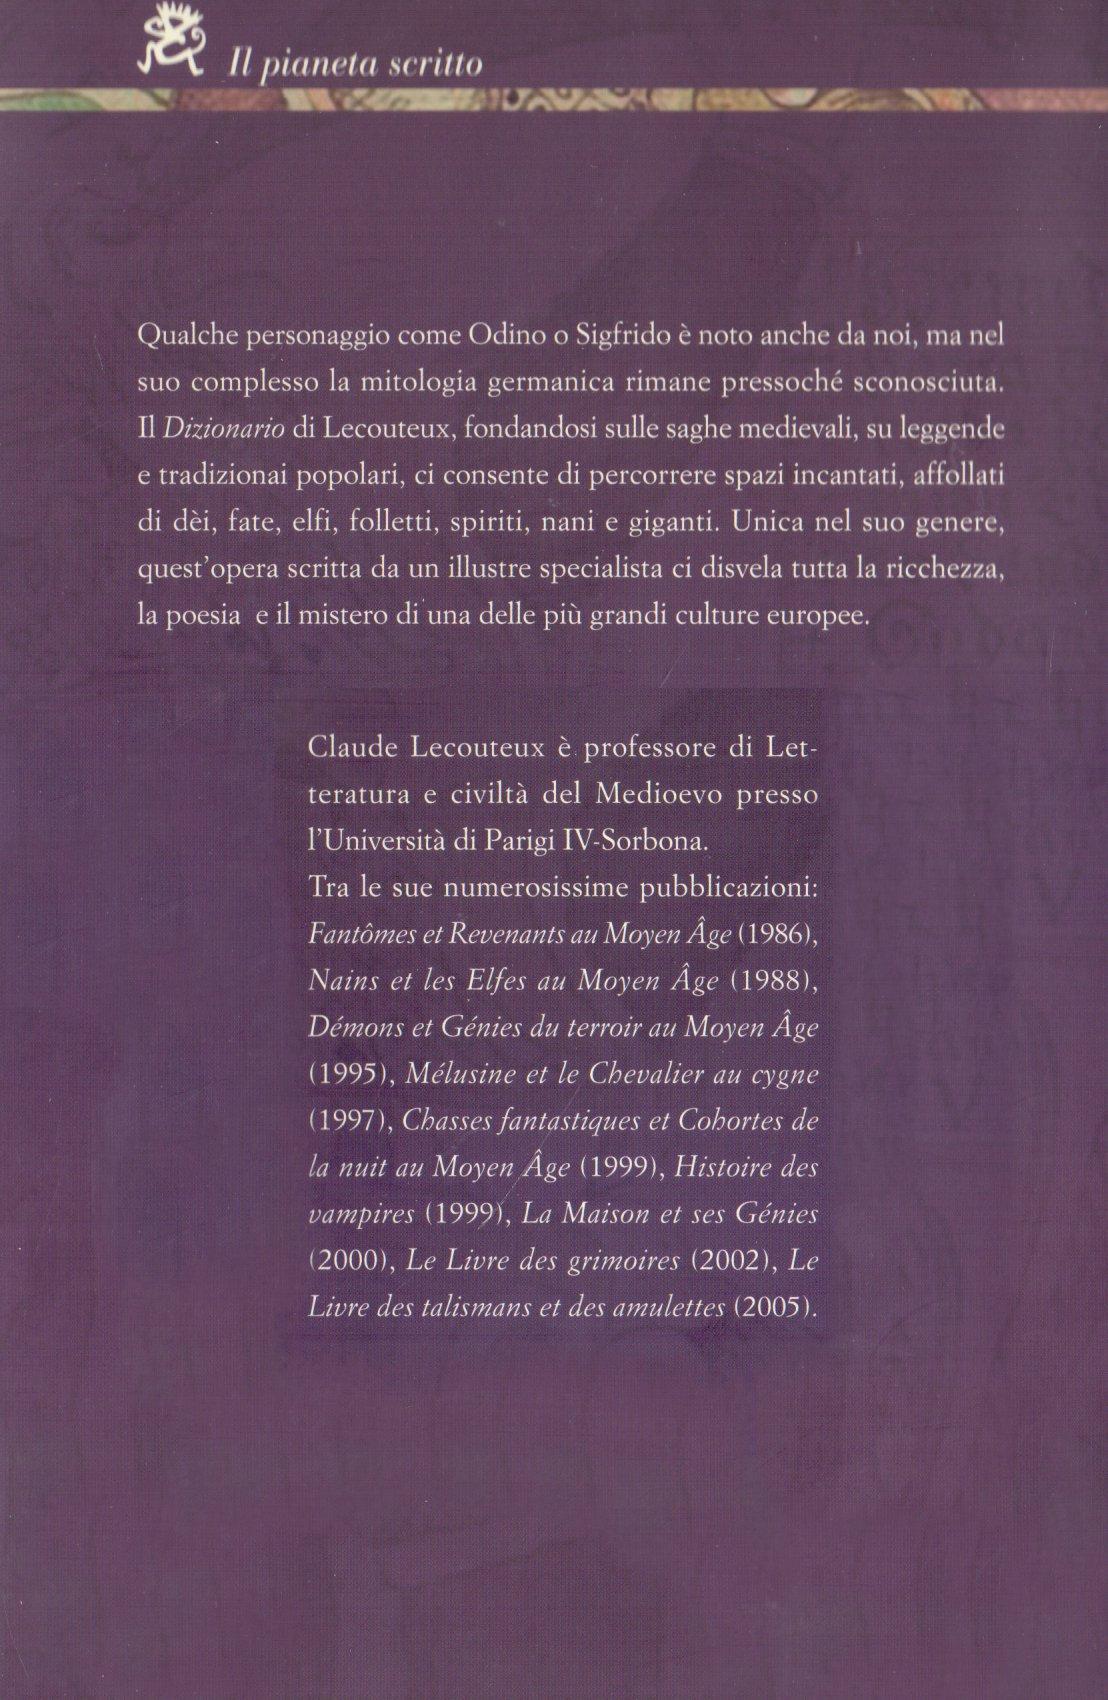 Dizionario di mitologia germanica.